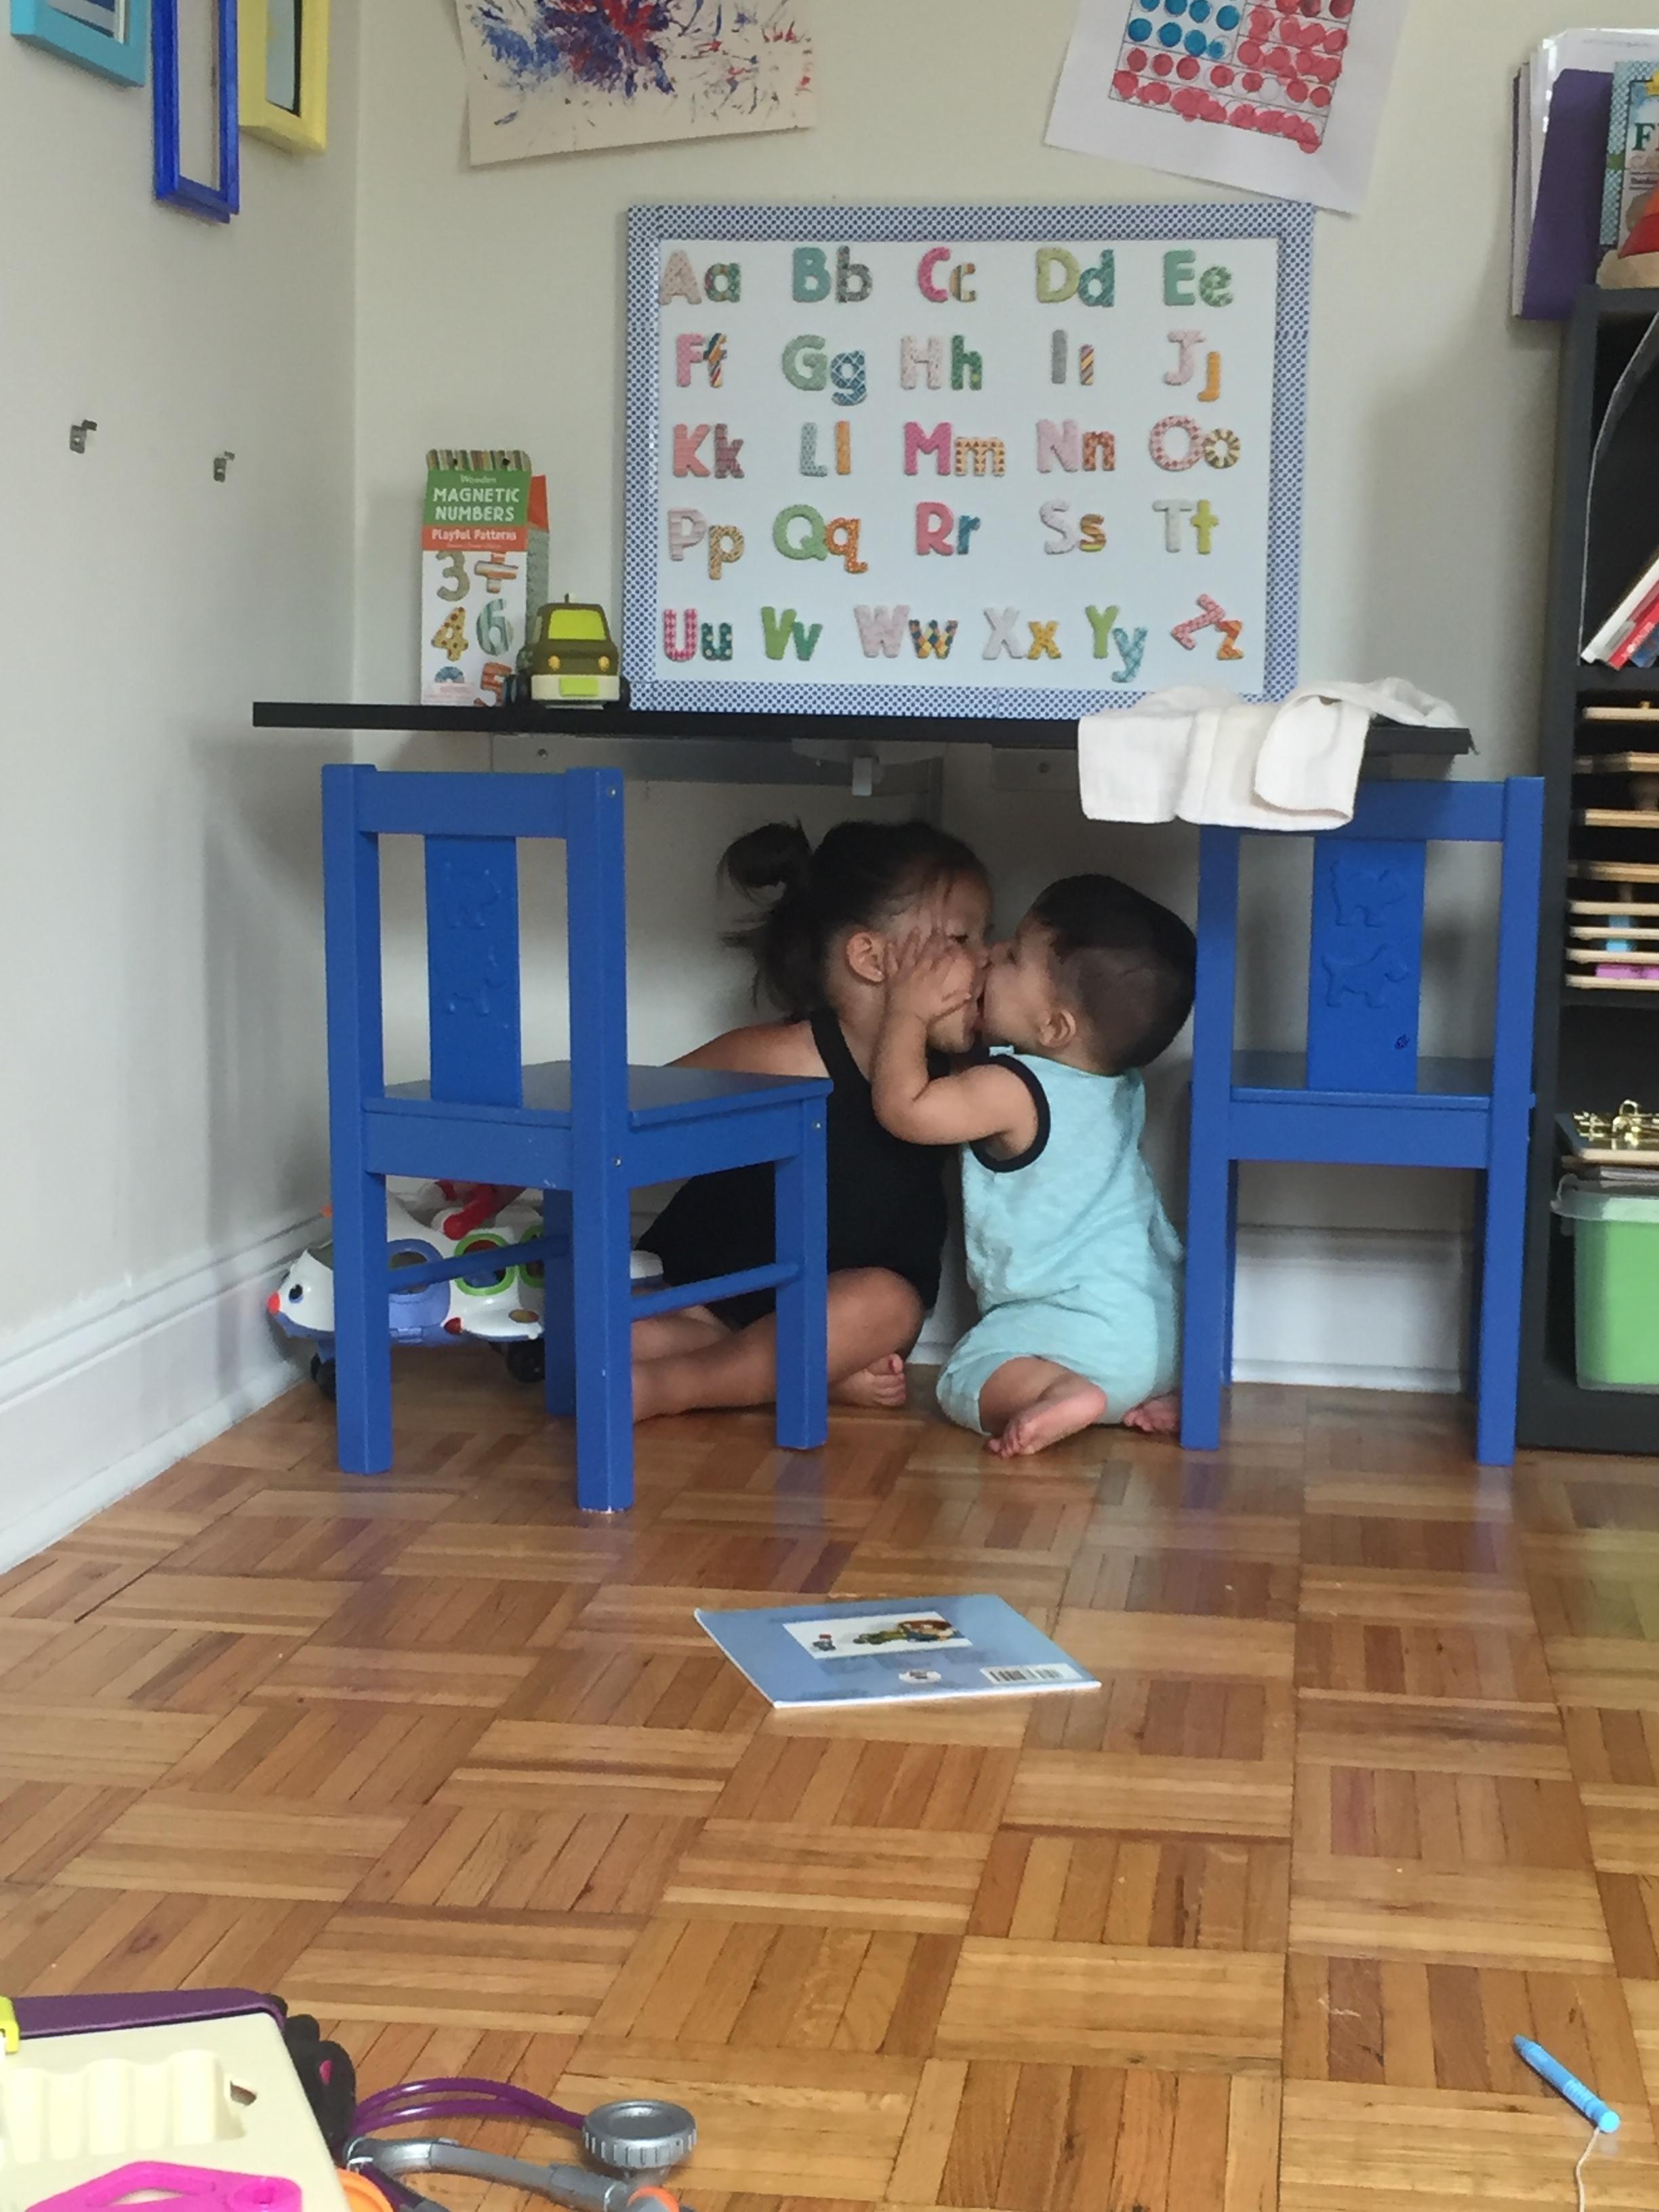 Sharing kisses!